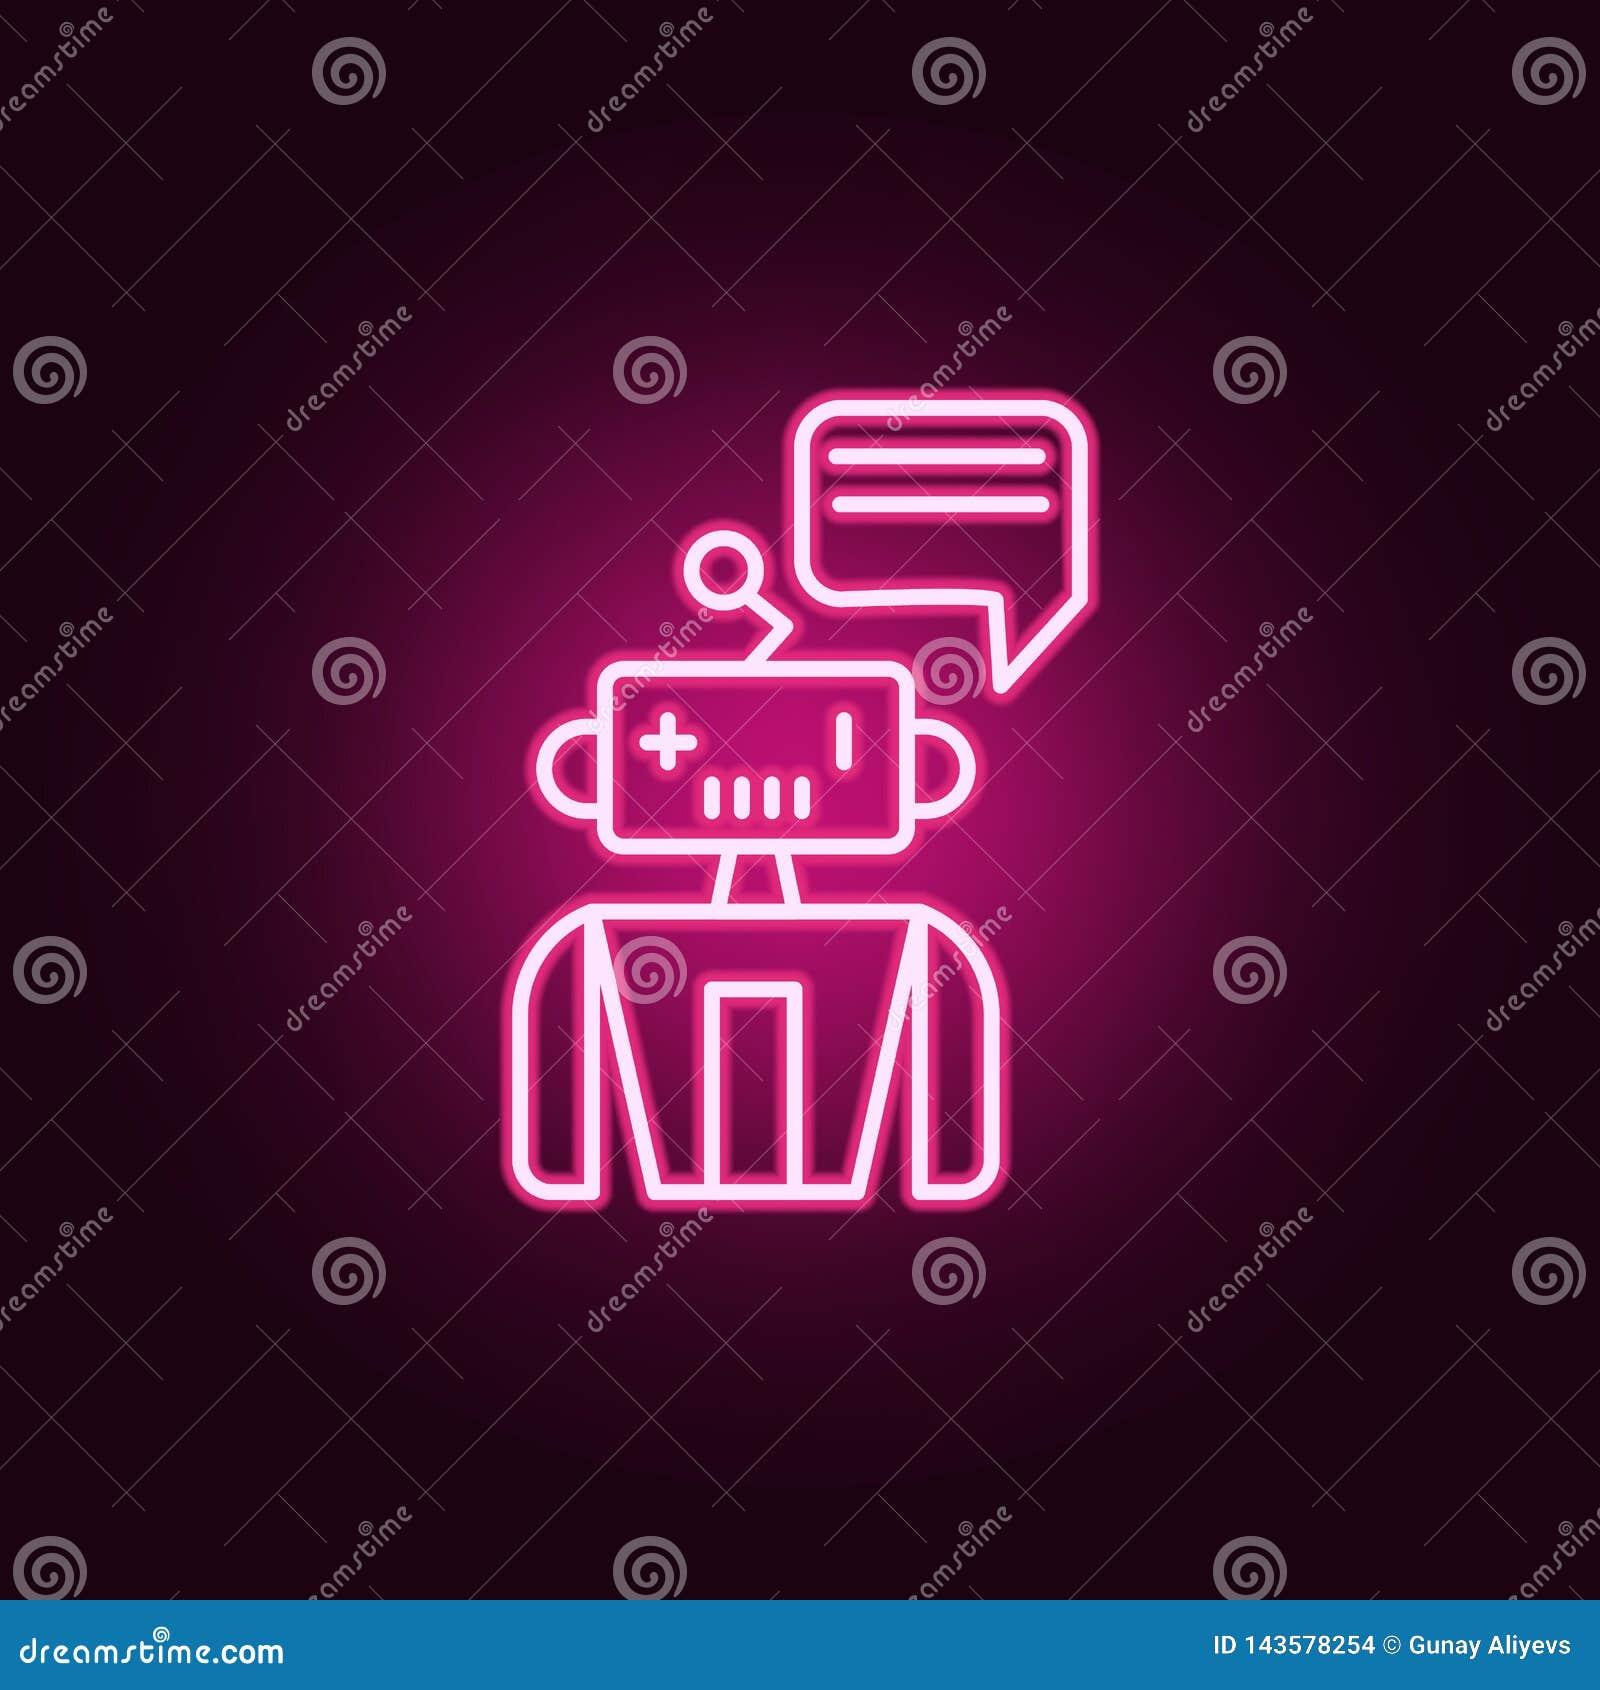 Βοηθητικό εικονίδιο νέου μηχανών ρομπότ Στοιχεία του συνόλου τεχνητής νοημοσύνης Απλό εικονίδιο για τους ιστοχώρους, σχέδιο Ιστού